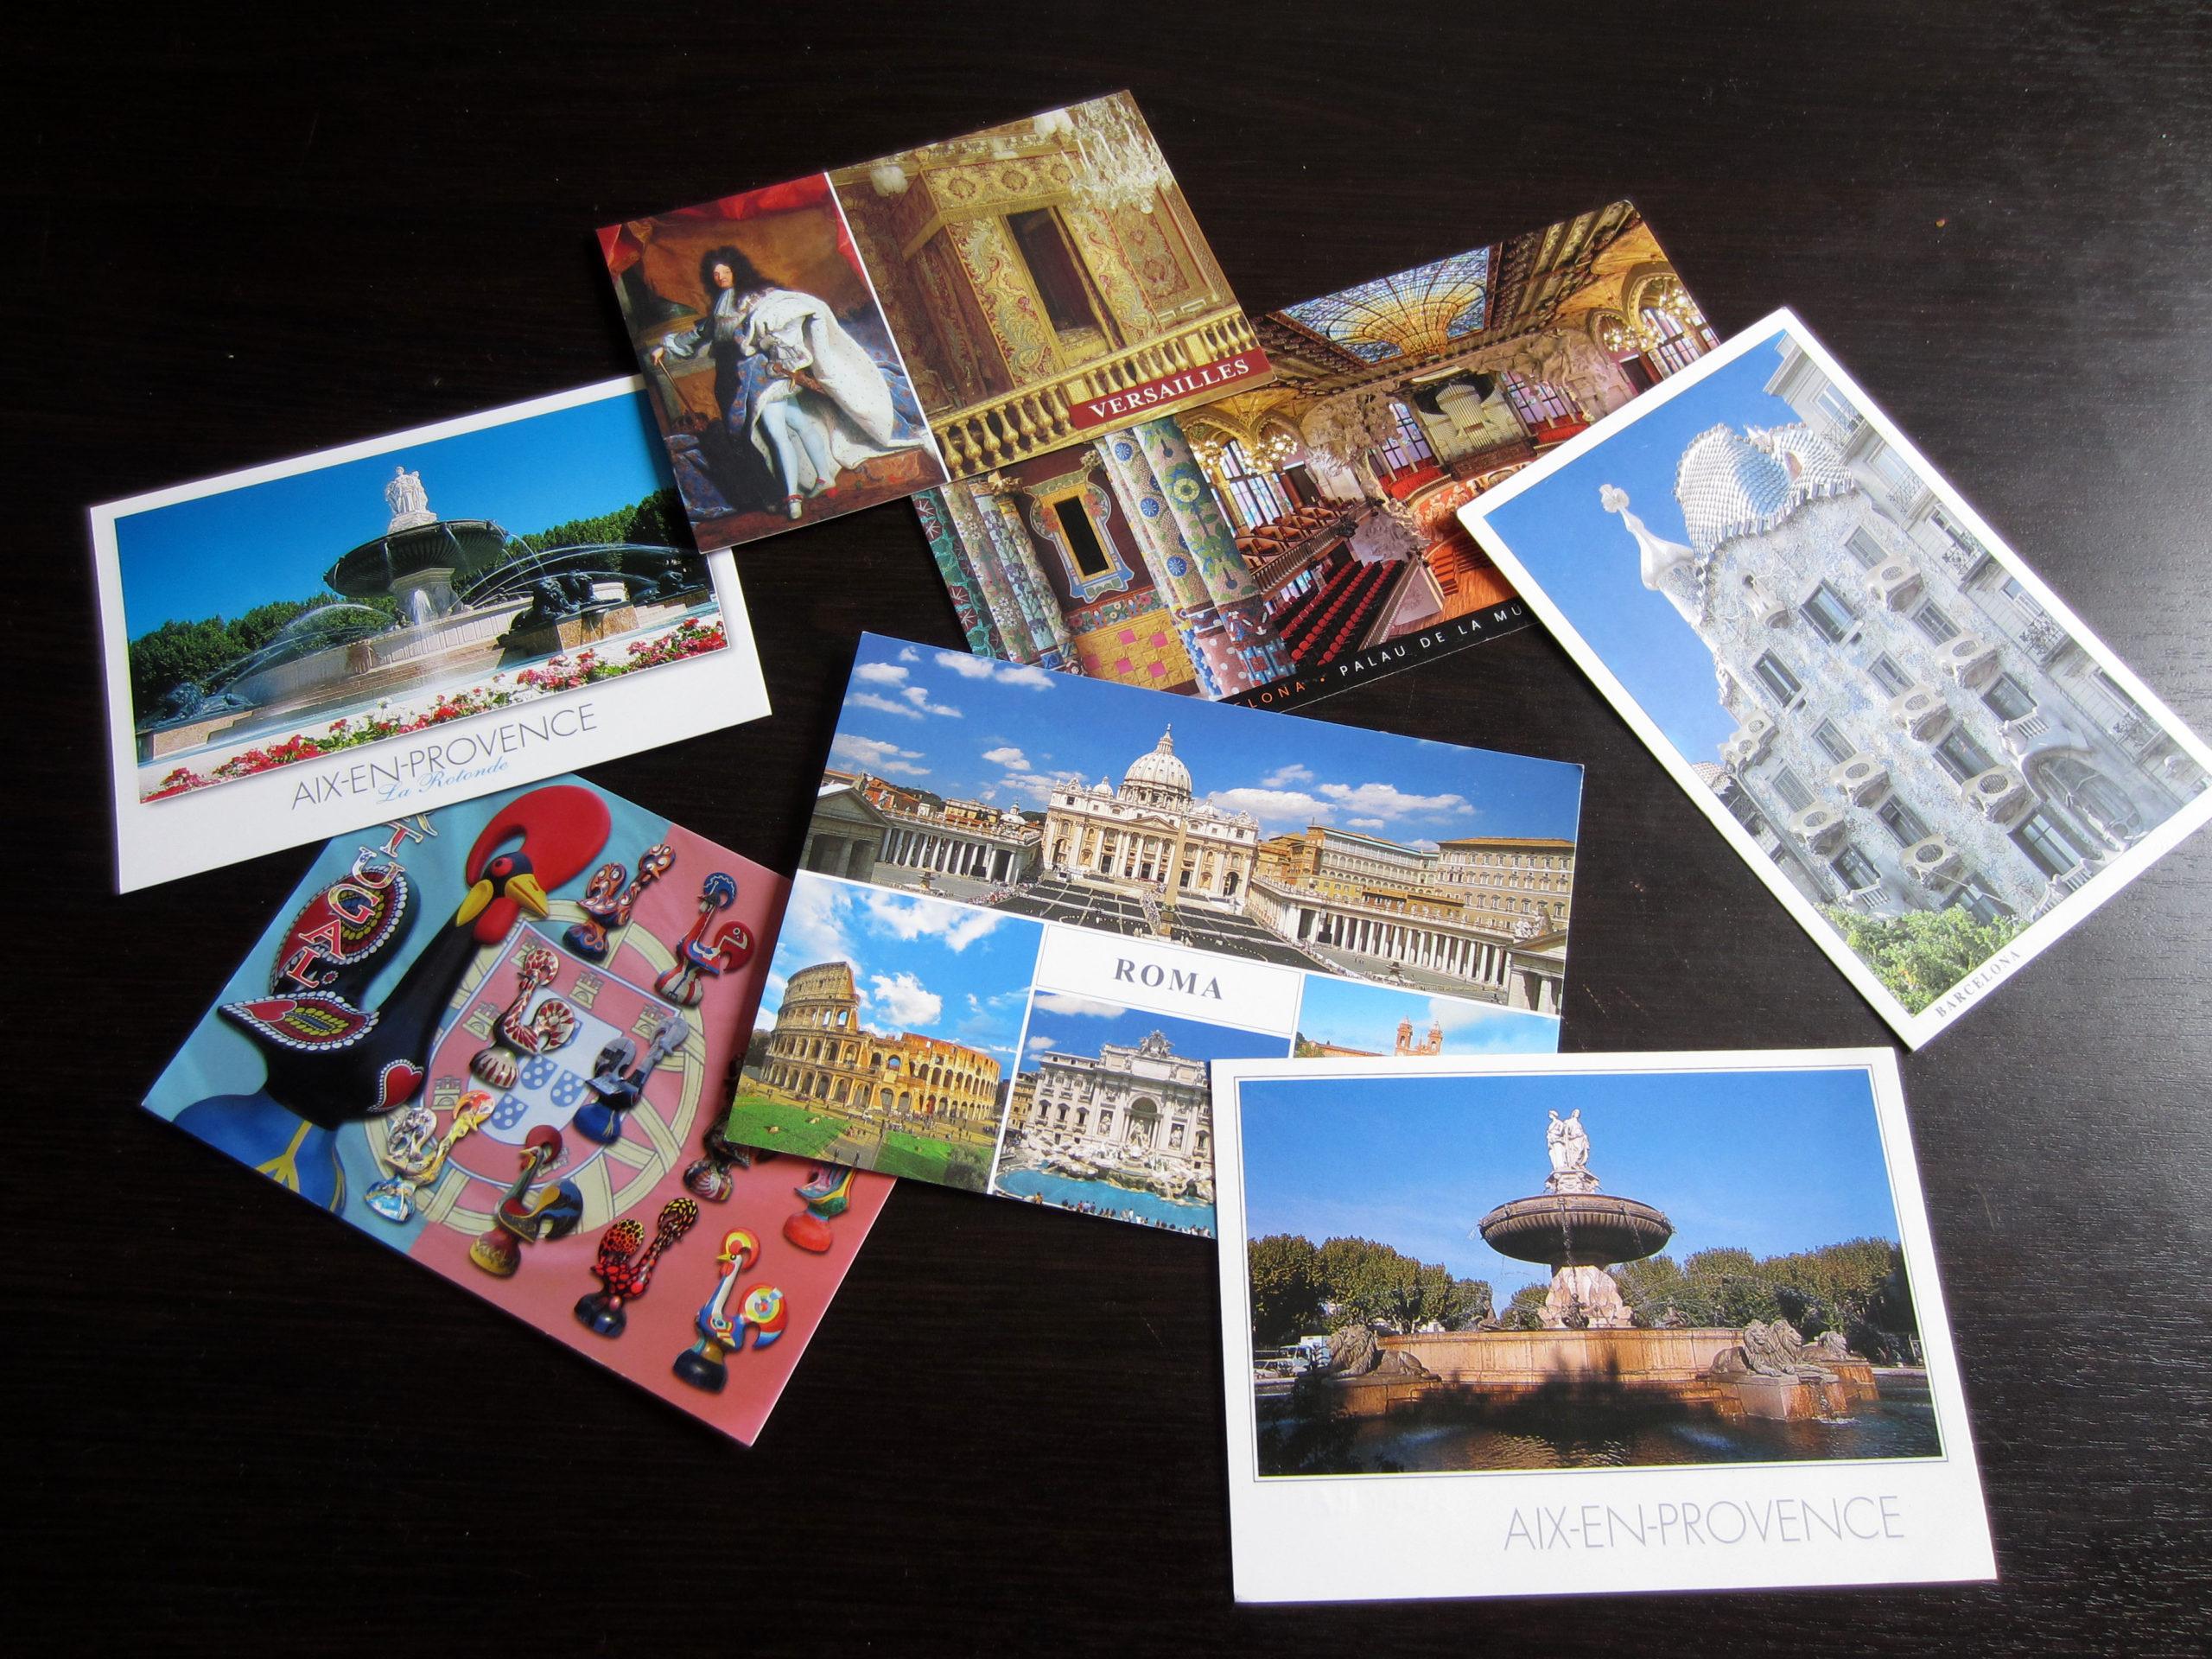 Posílání pohlednic